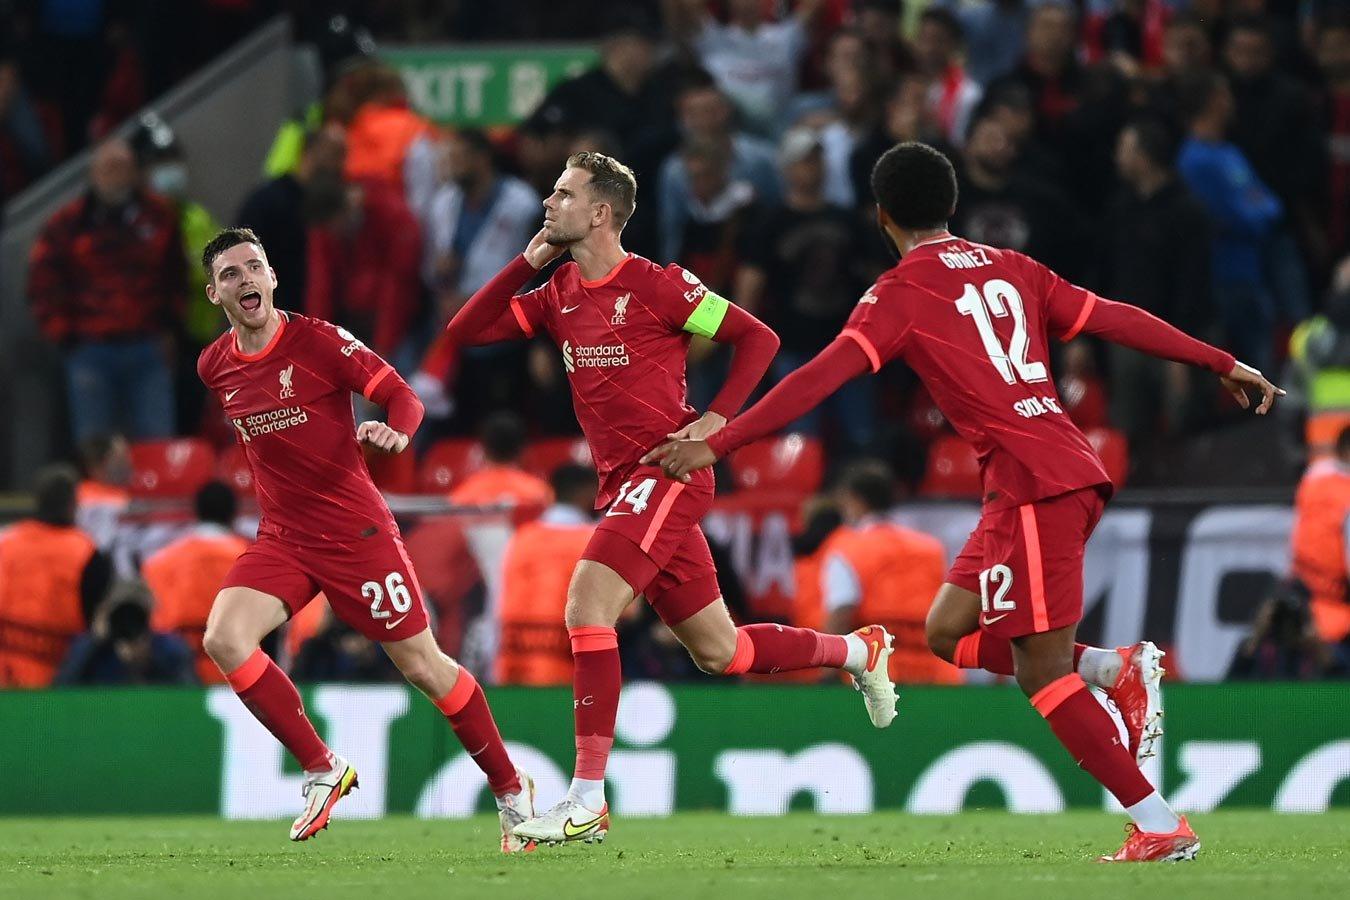 Ливерпуль одержал волевую победу в матче с Миланом в Лиге чемпионов